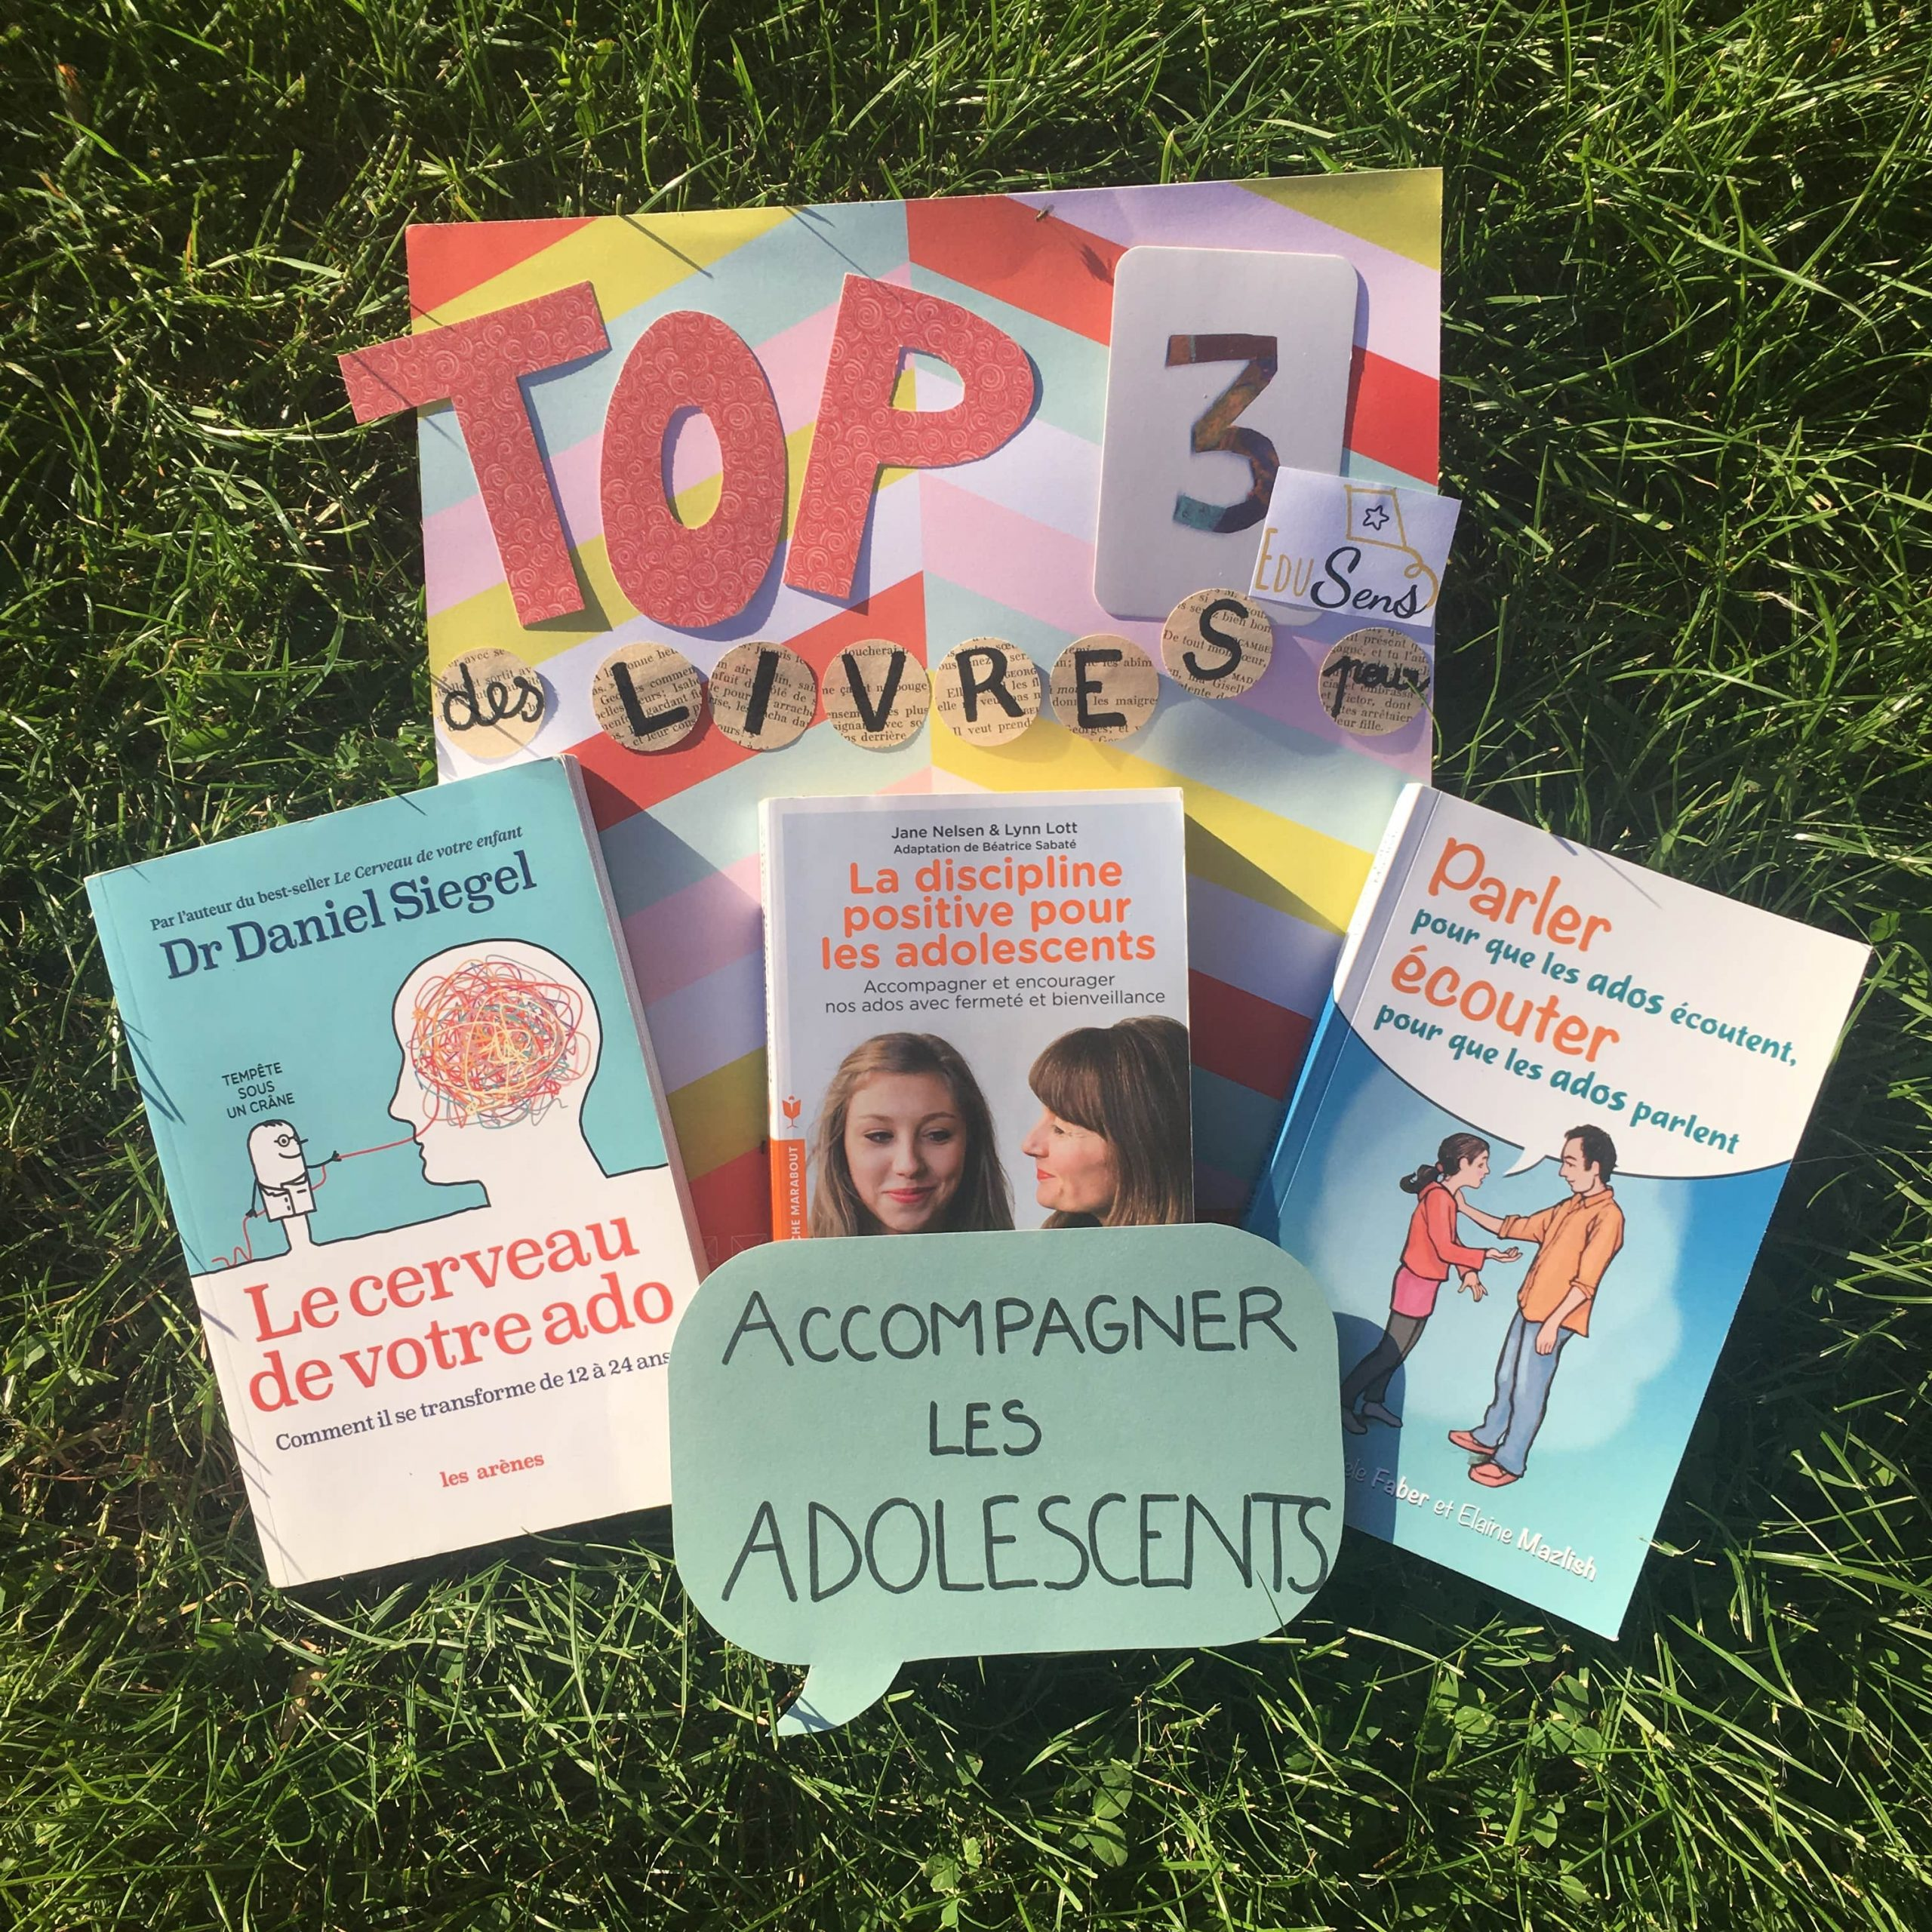 Top 3 des livres pour accompagner les ados!